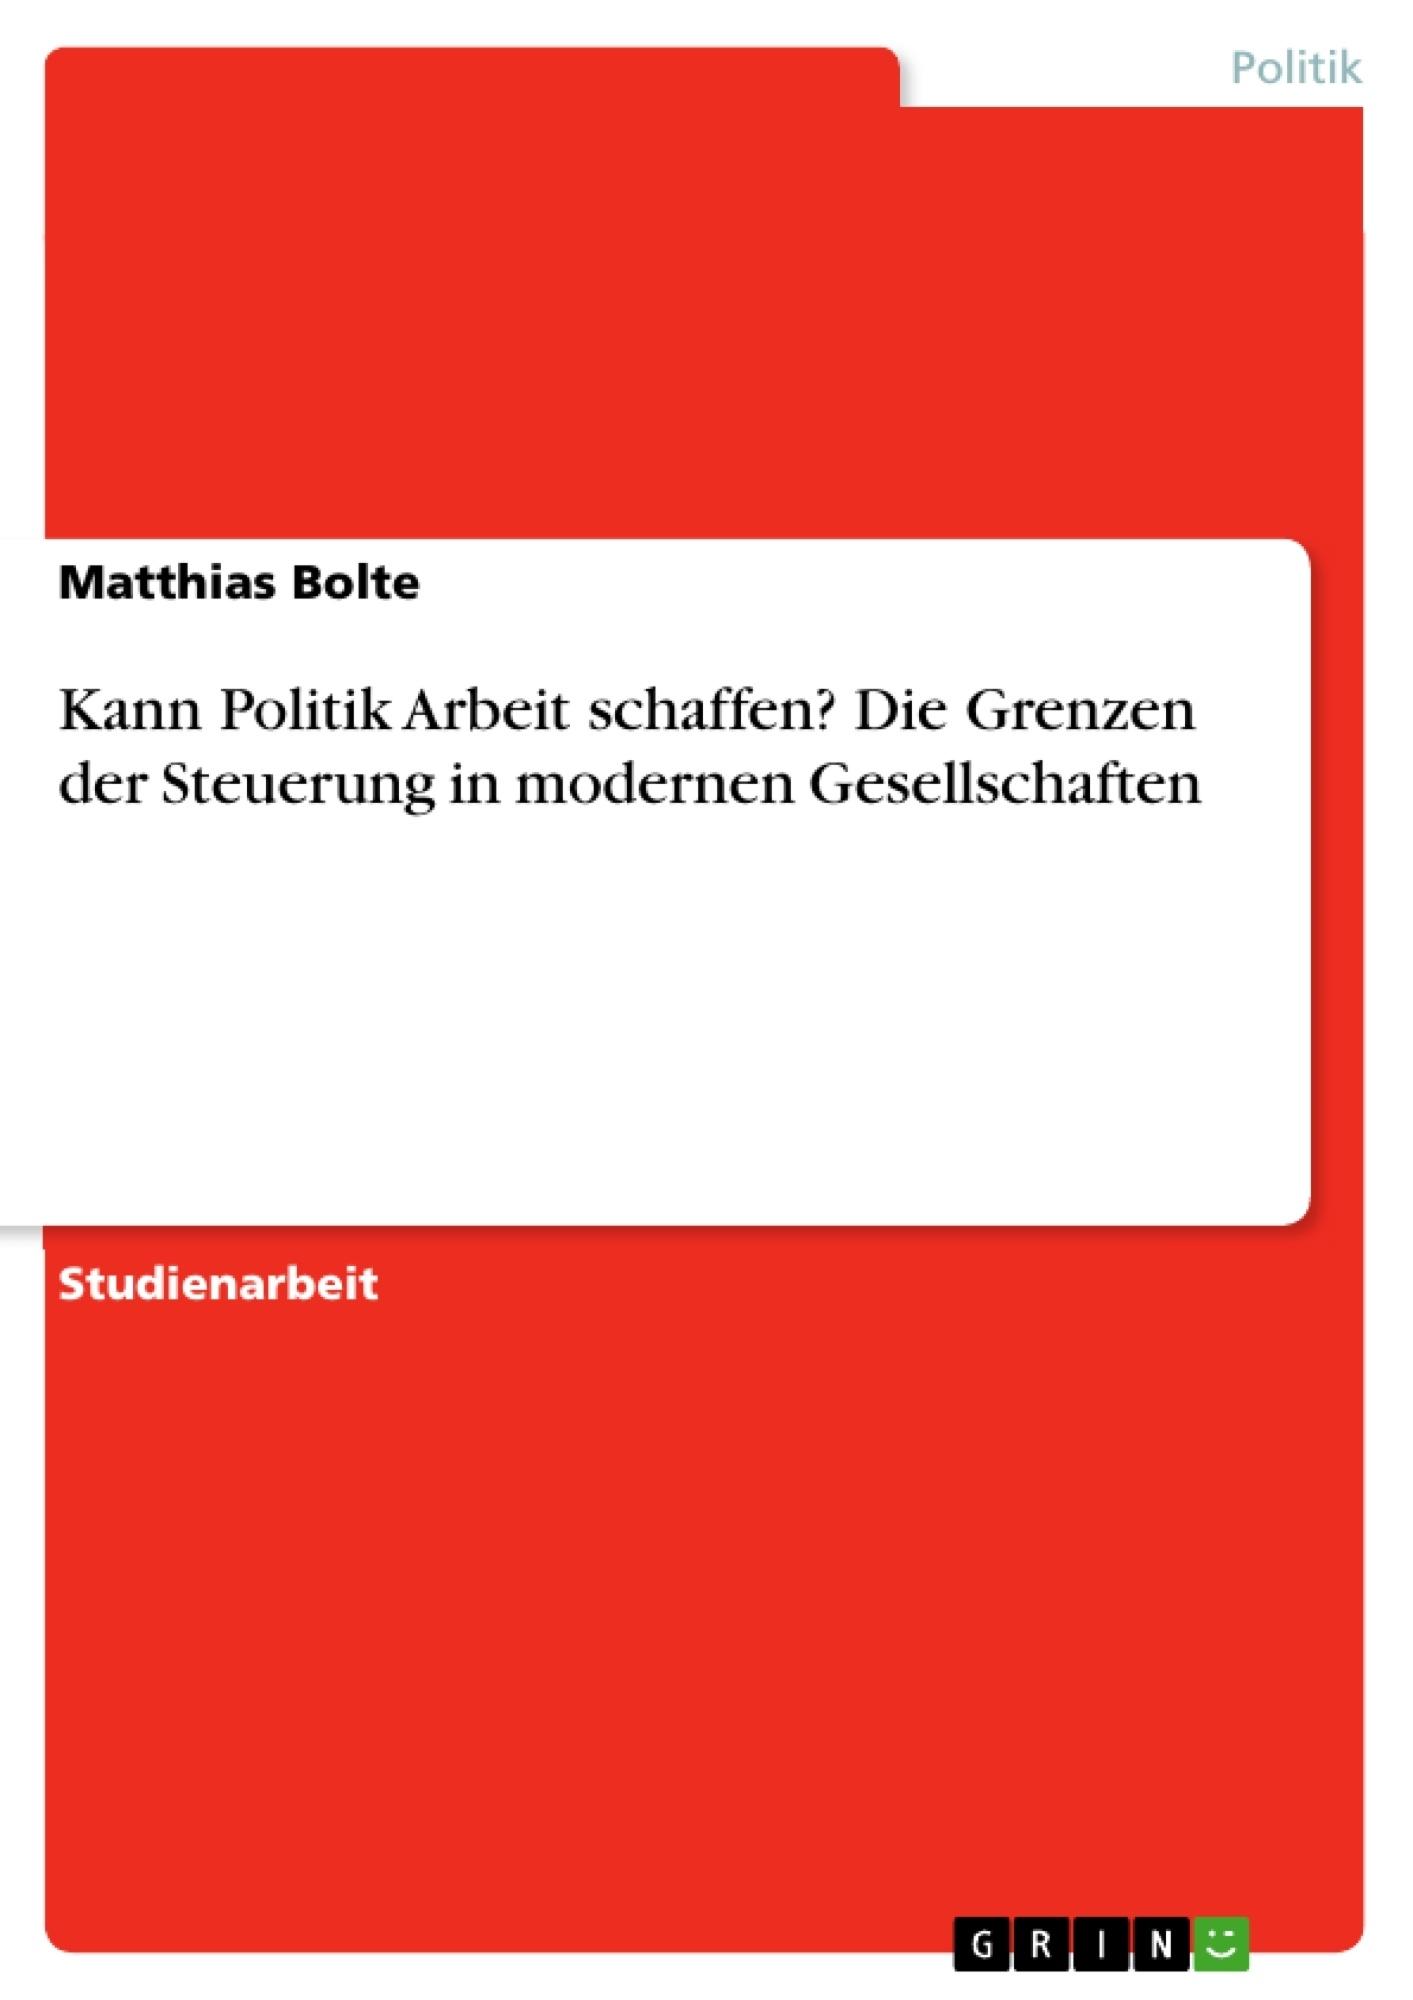 Titel: Kann Politik Arbeit schaffen? Die Grenzen der Steuerung in modernen Gesellschaften